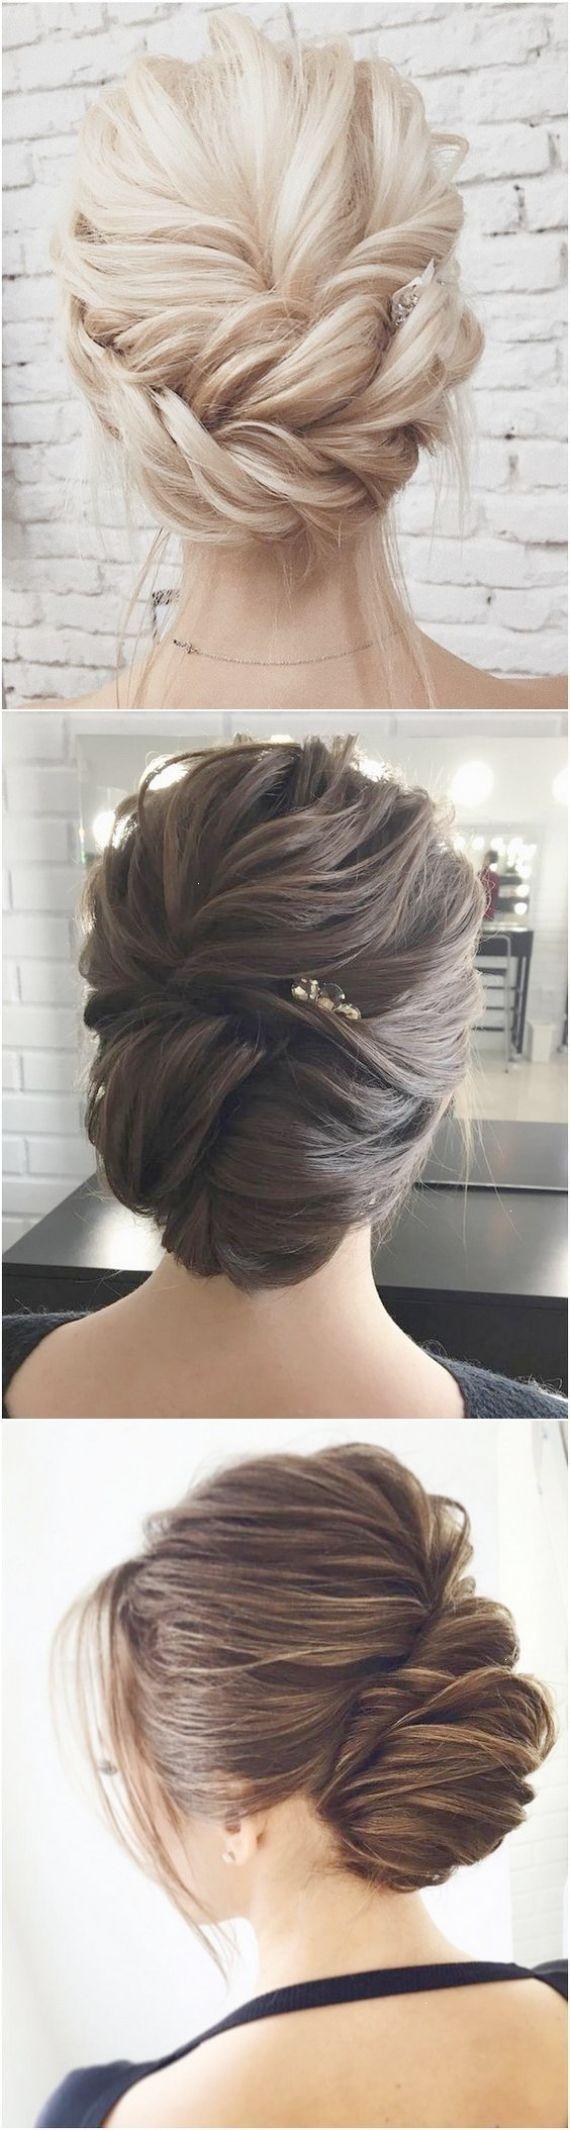 Свадьба - Elegant Updo Wedding Hairstyles